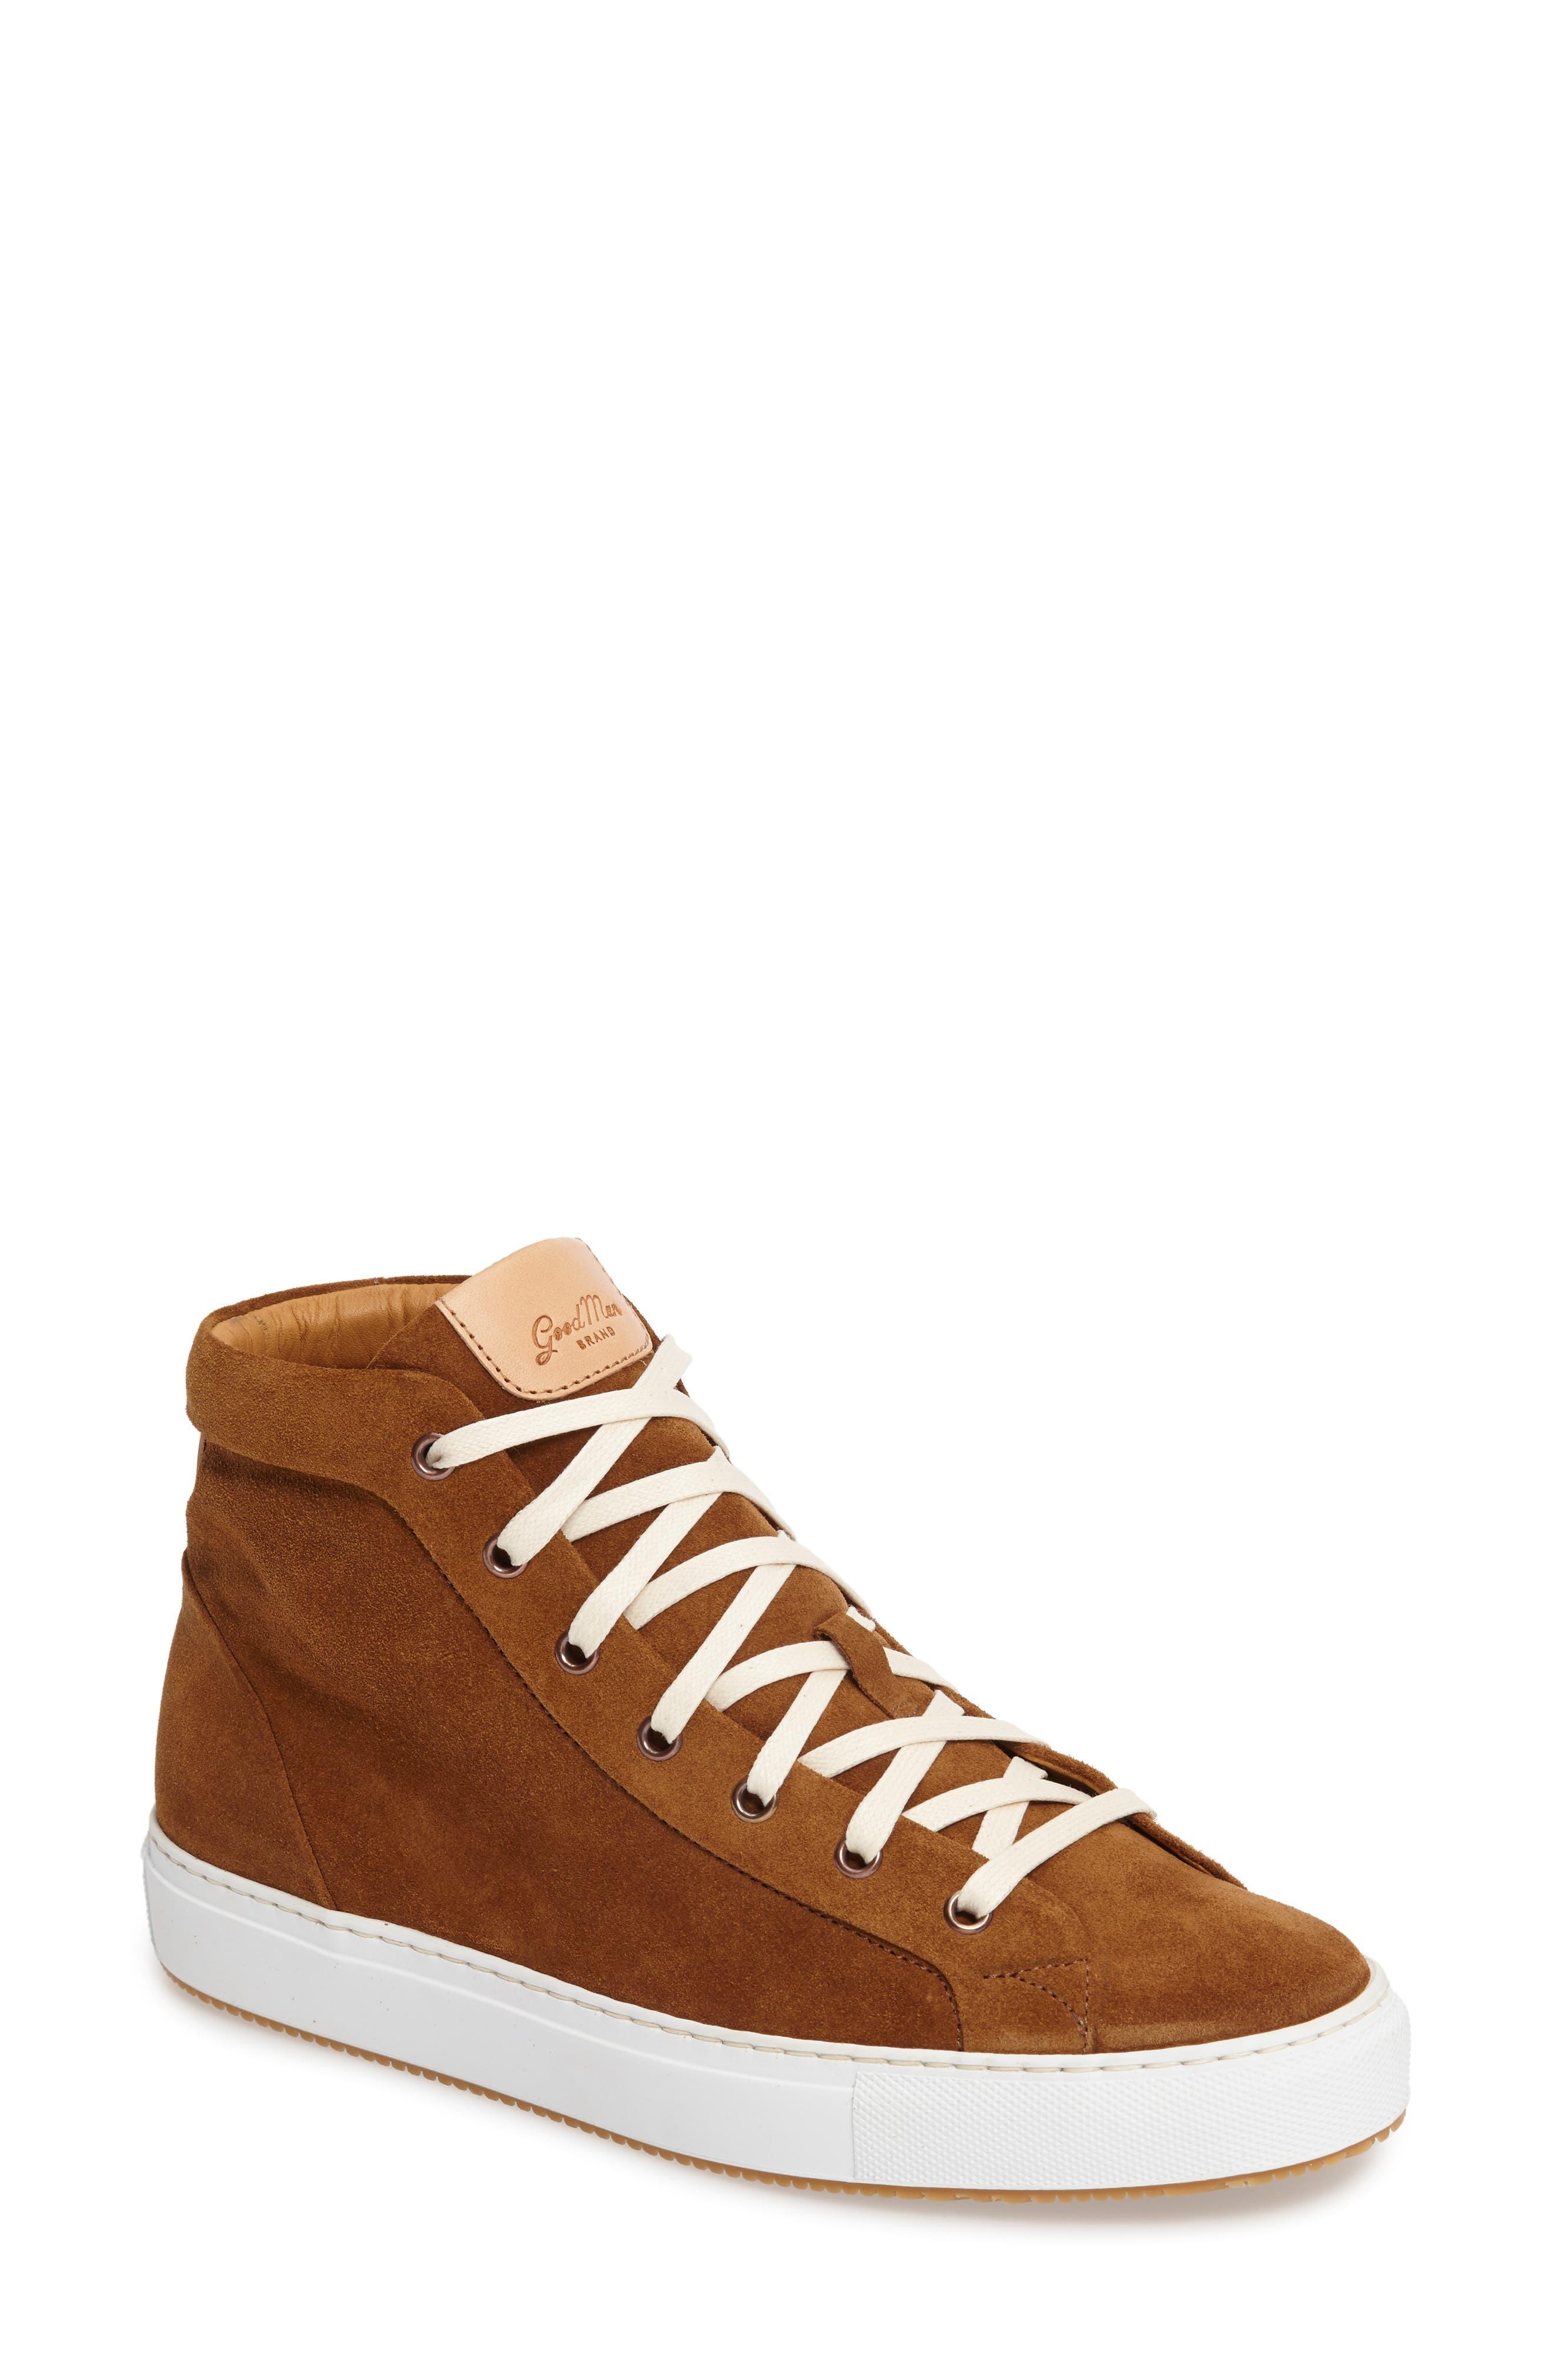 Good Man Brand Sure Shot Hi Sneaker (Men)